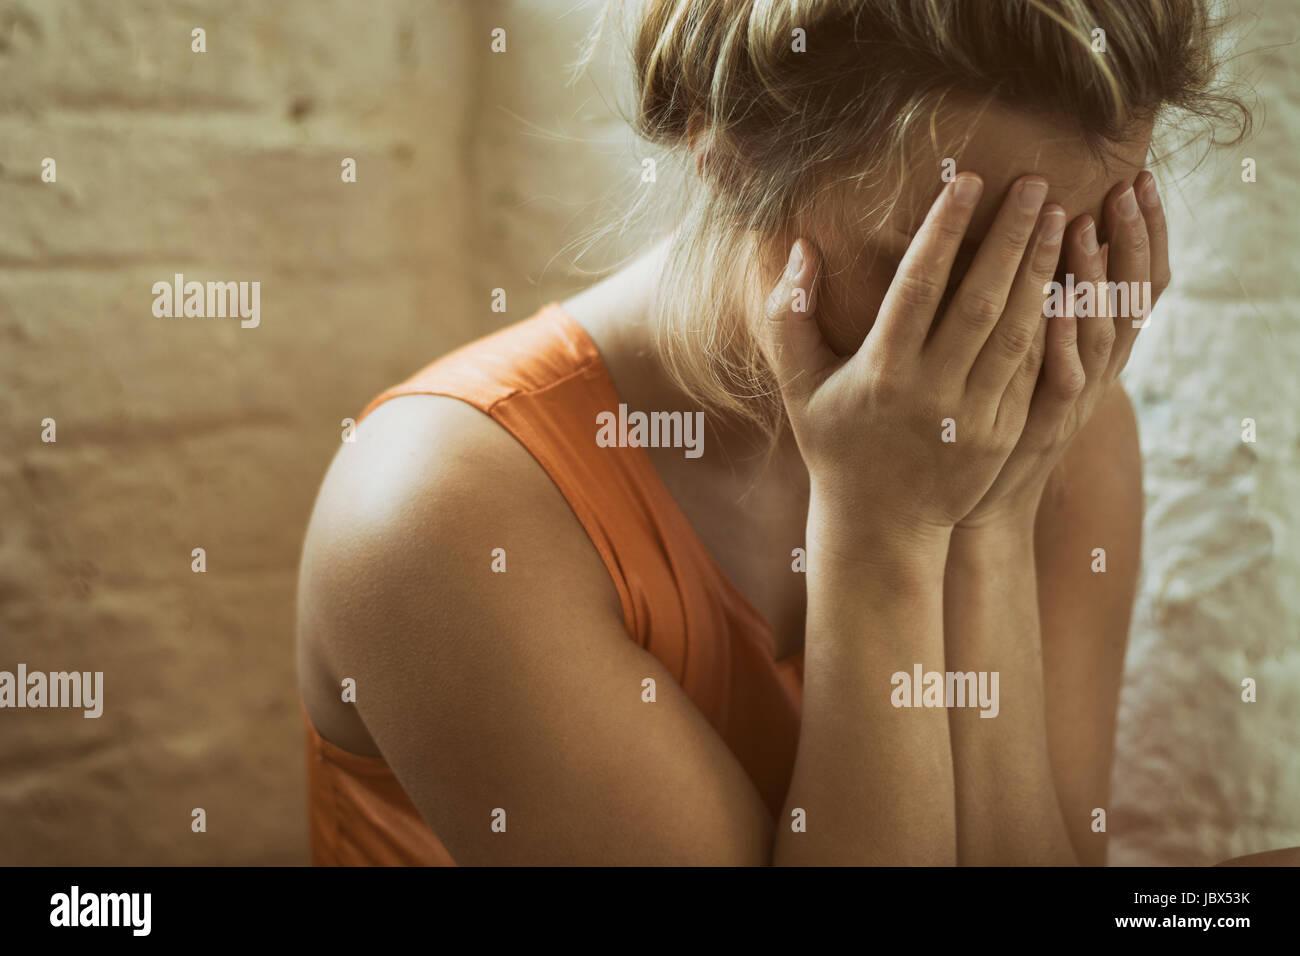 Cerca de una triste joven ocultando la cara con las manos llorando Imagen De Stock